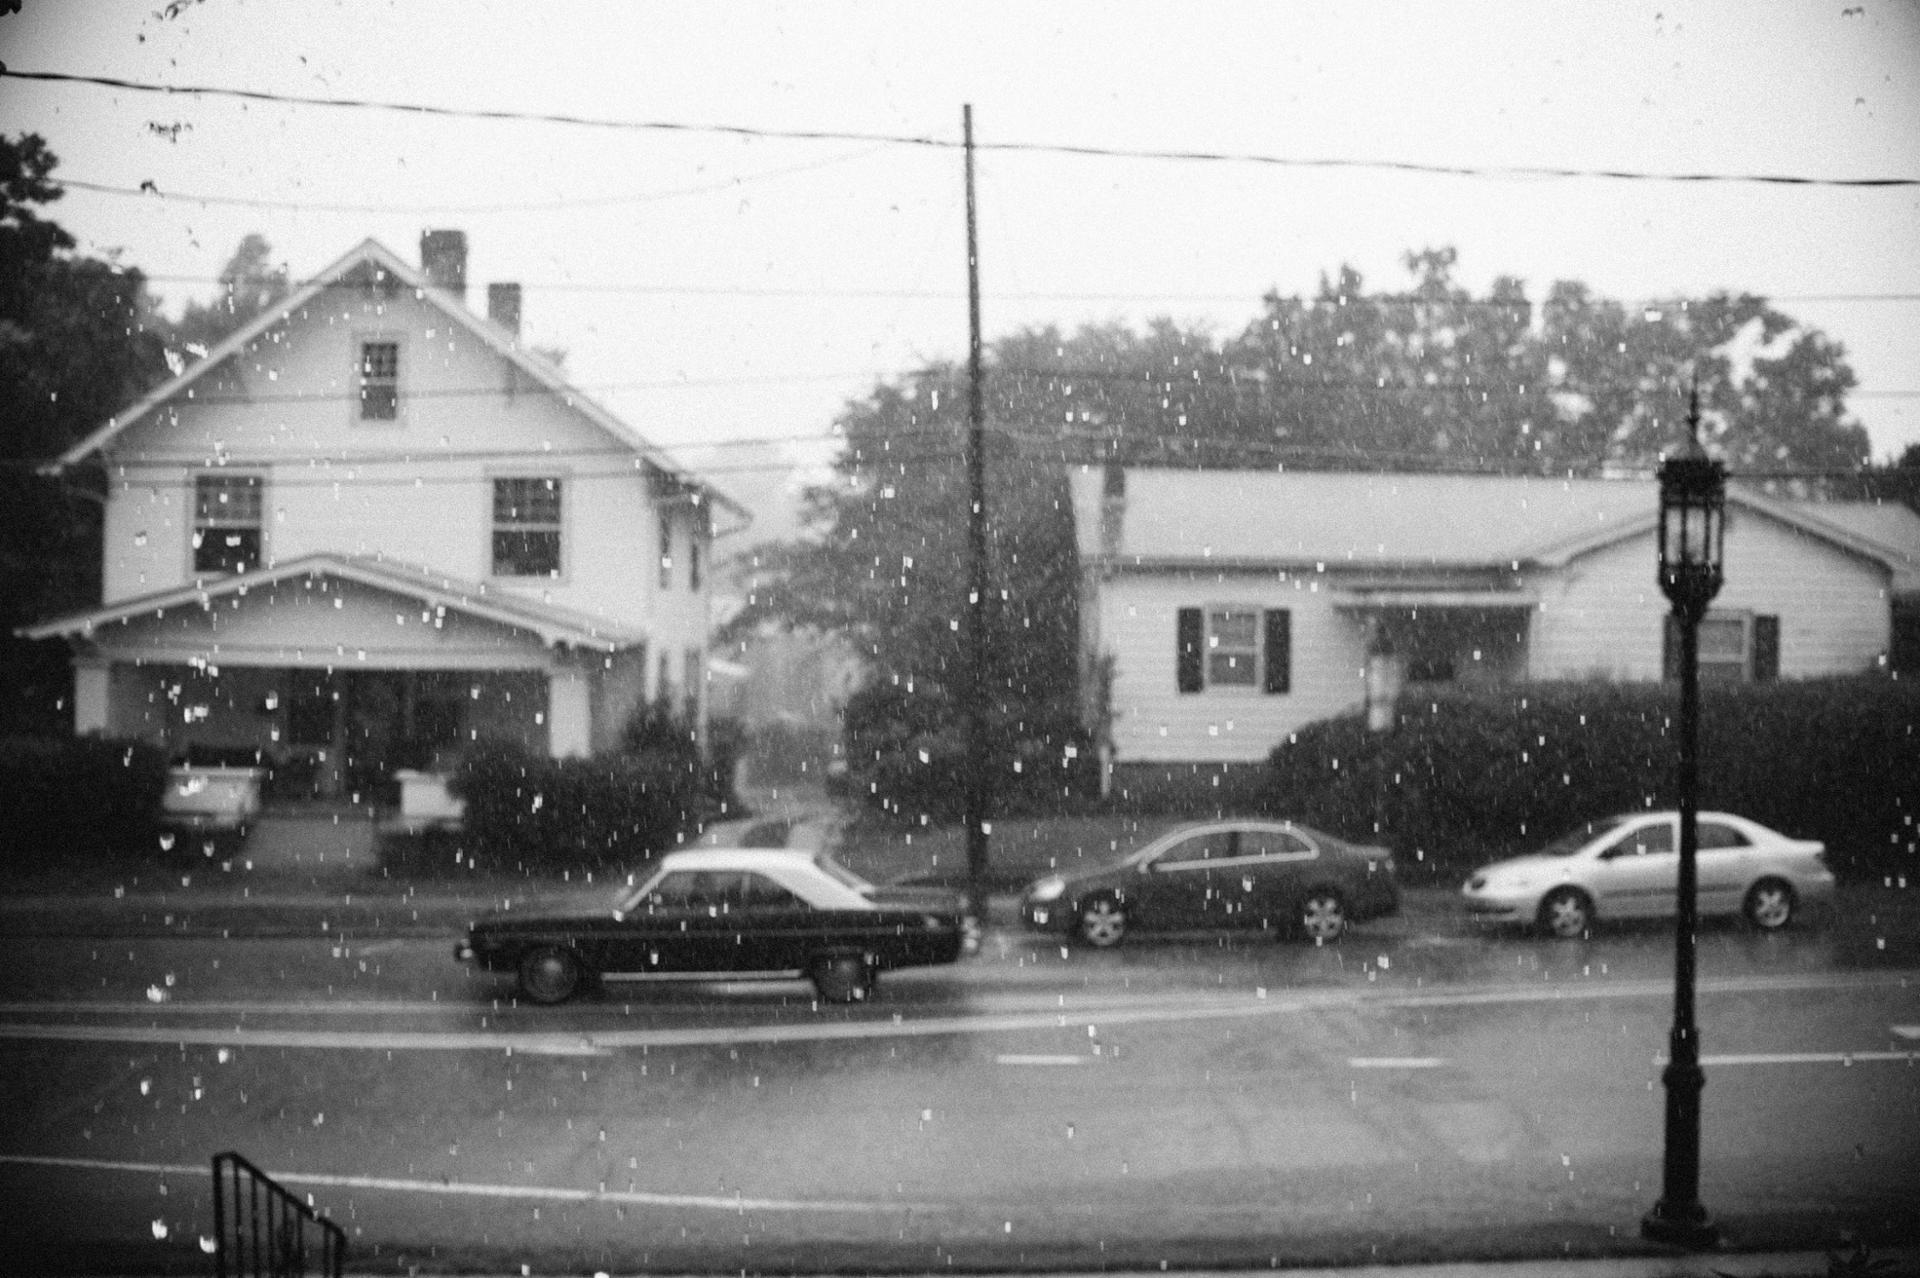 Raining cat & dog